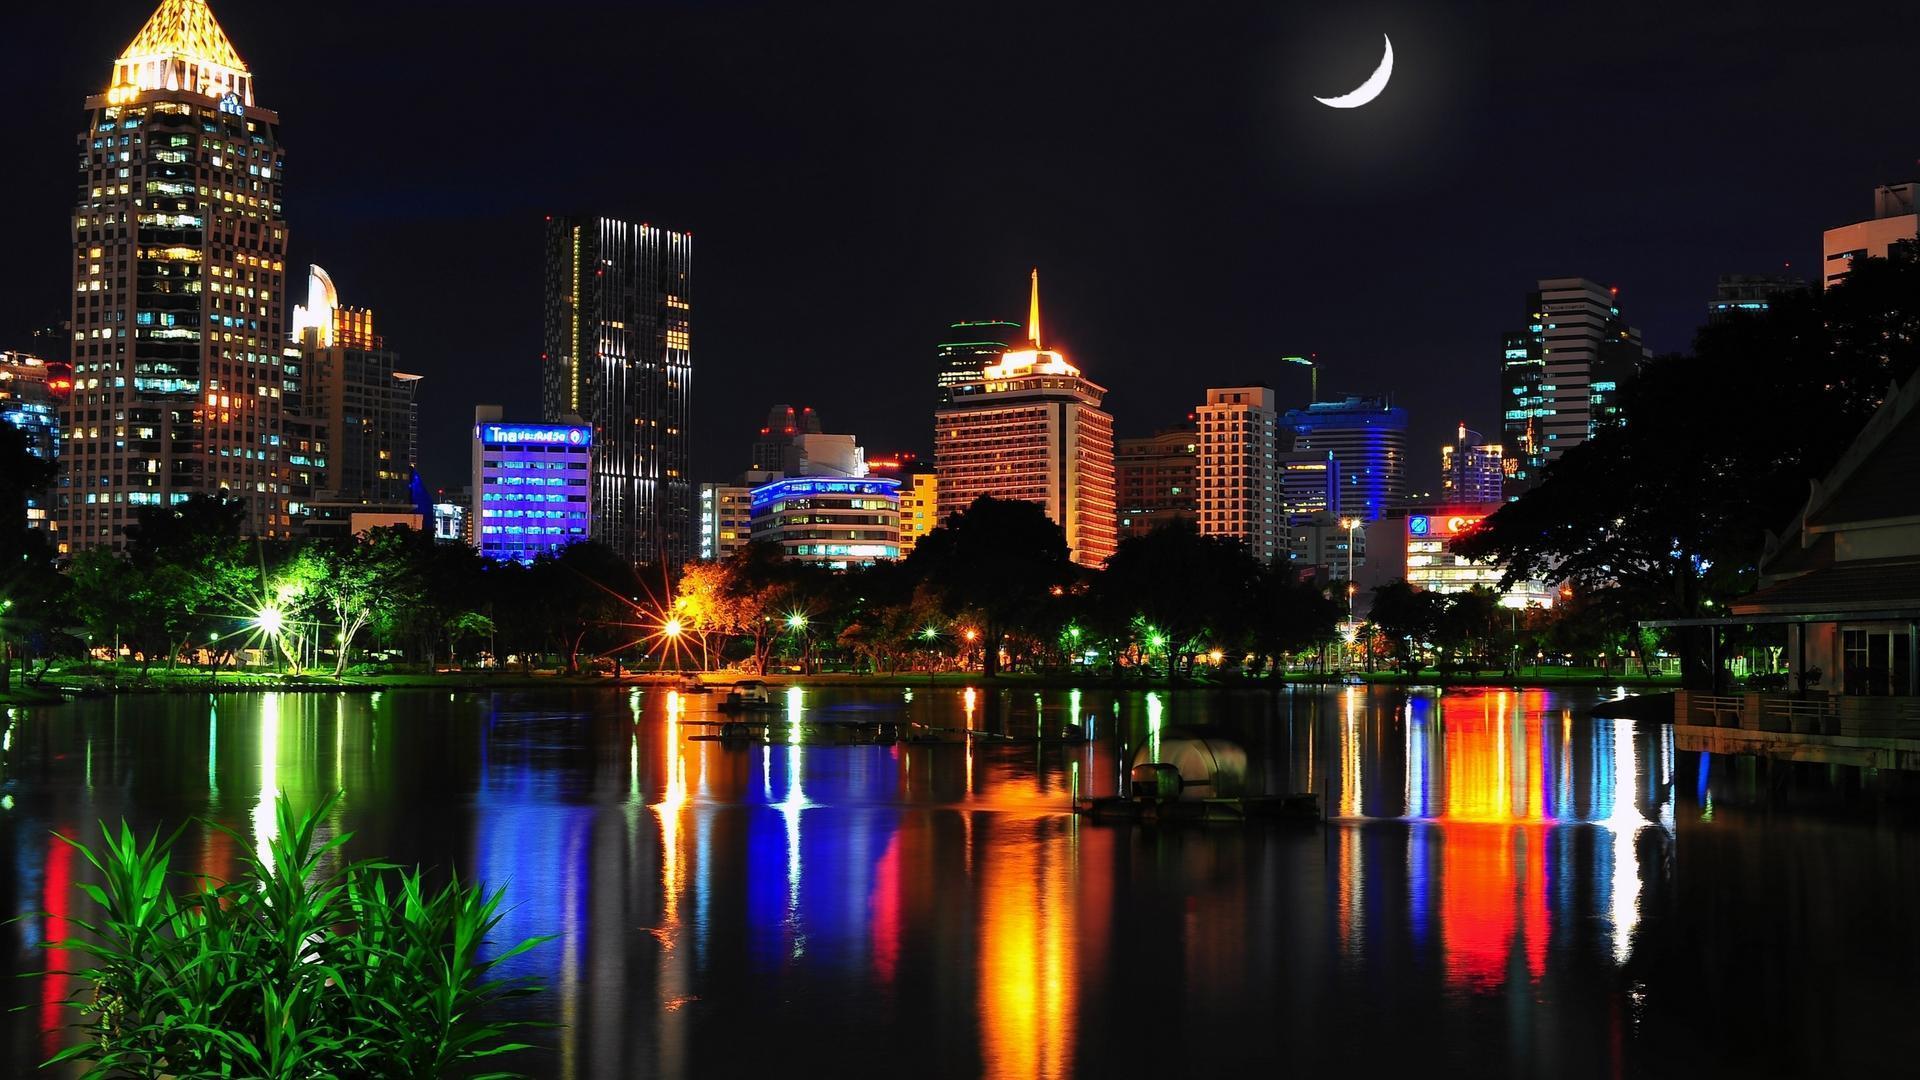 город ночь освещение отражение смотреть